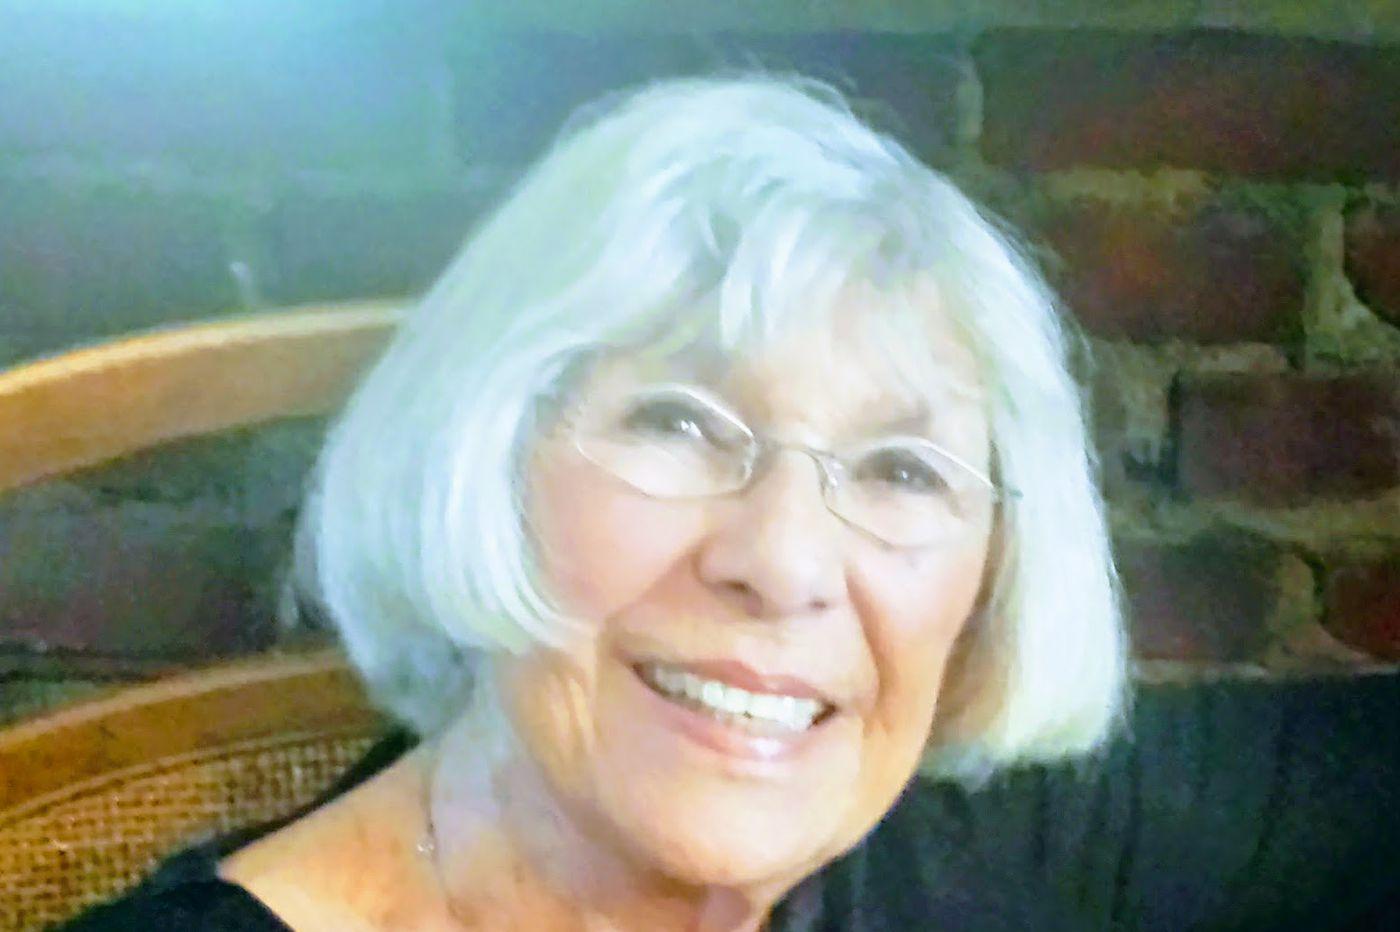 Geraldine Aaron, 91, philanthropist and wife of Daniel Aaron, a Comcast founder